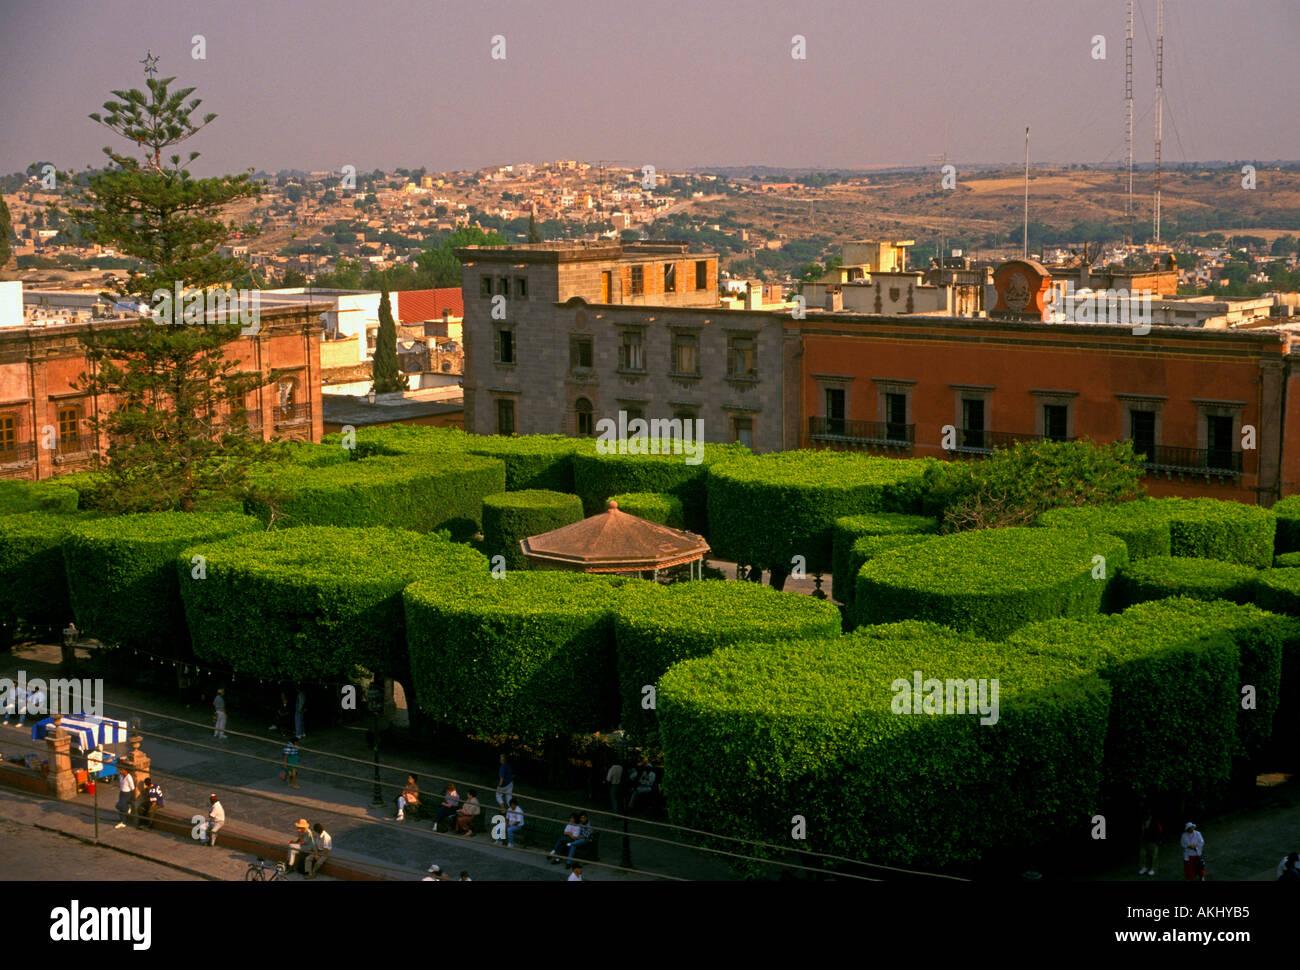 Jardin Principal, main garden, central plaza, plaza, main square, town of San Miguel de Allende, San Miguel de Allende, - Stock Image